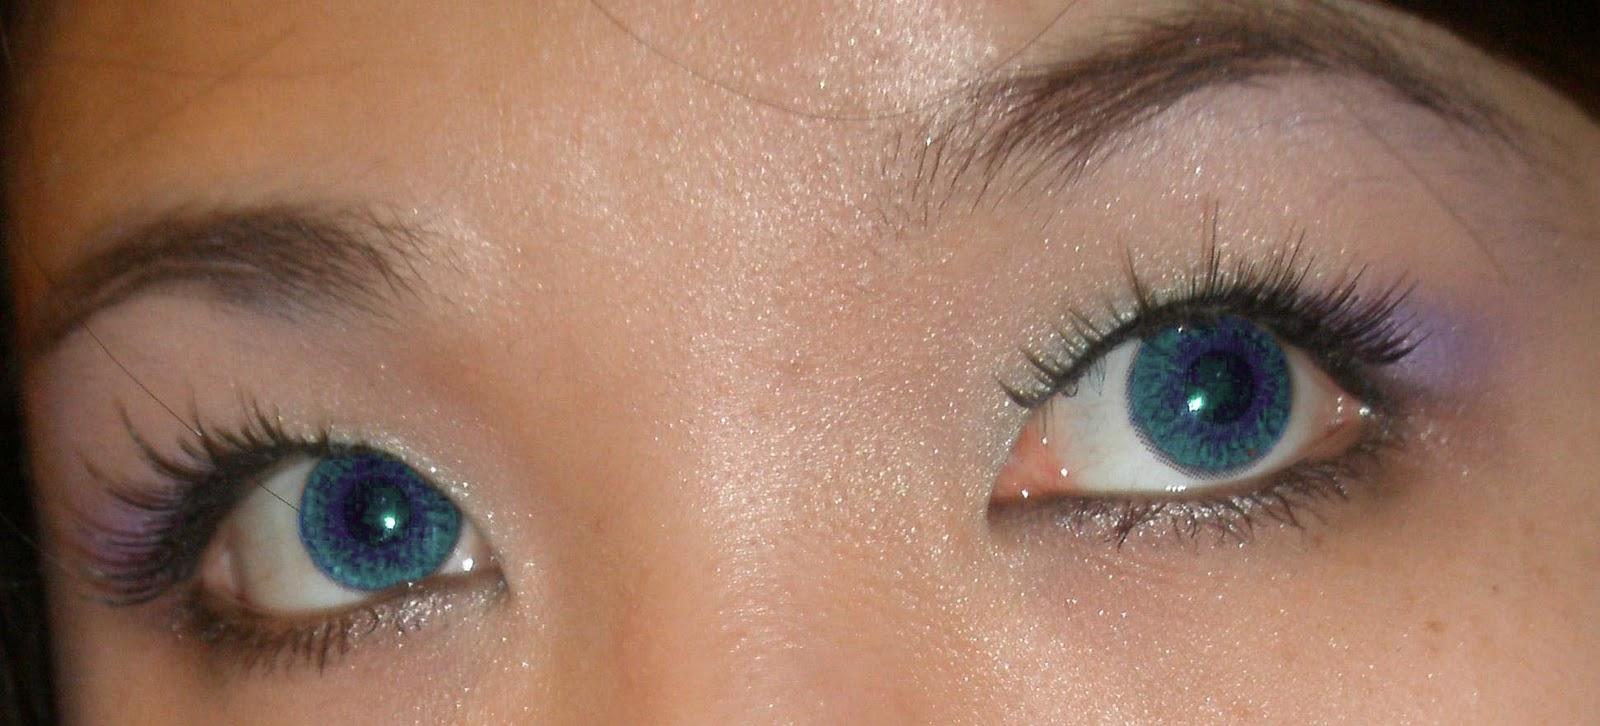 eyesin